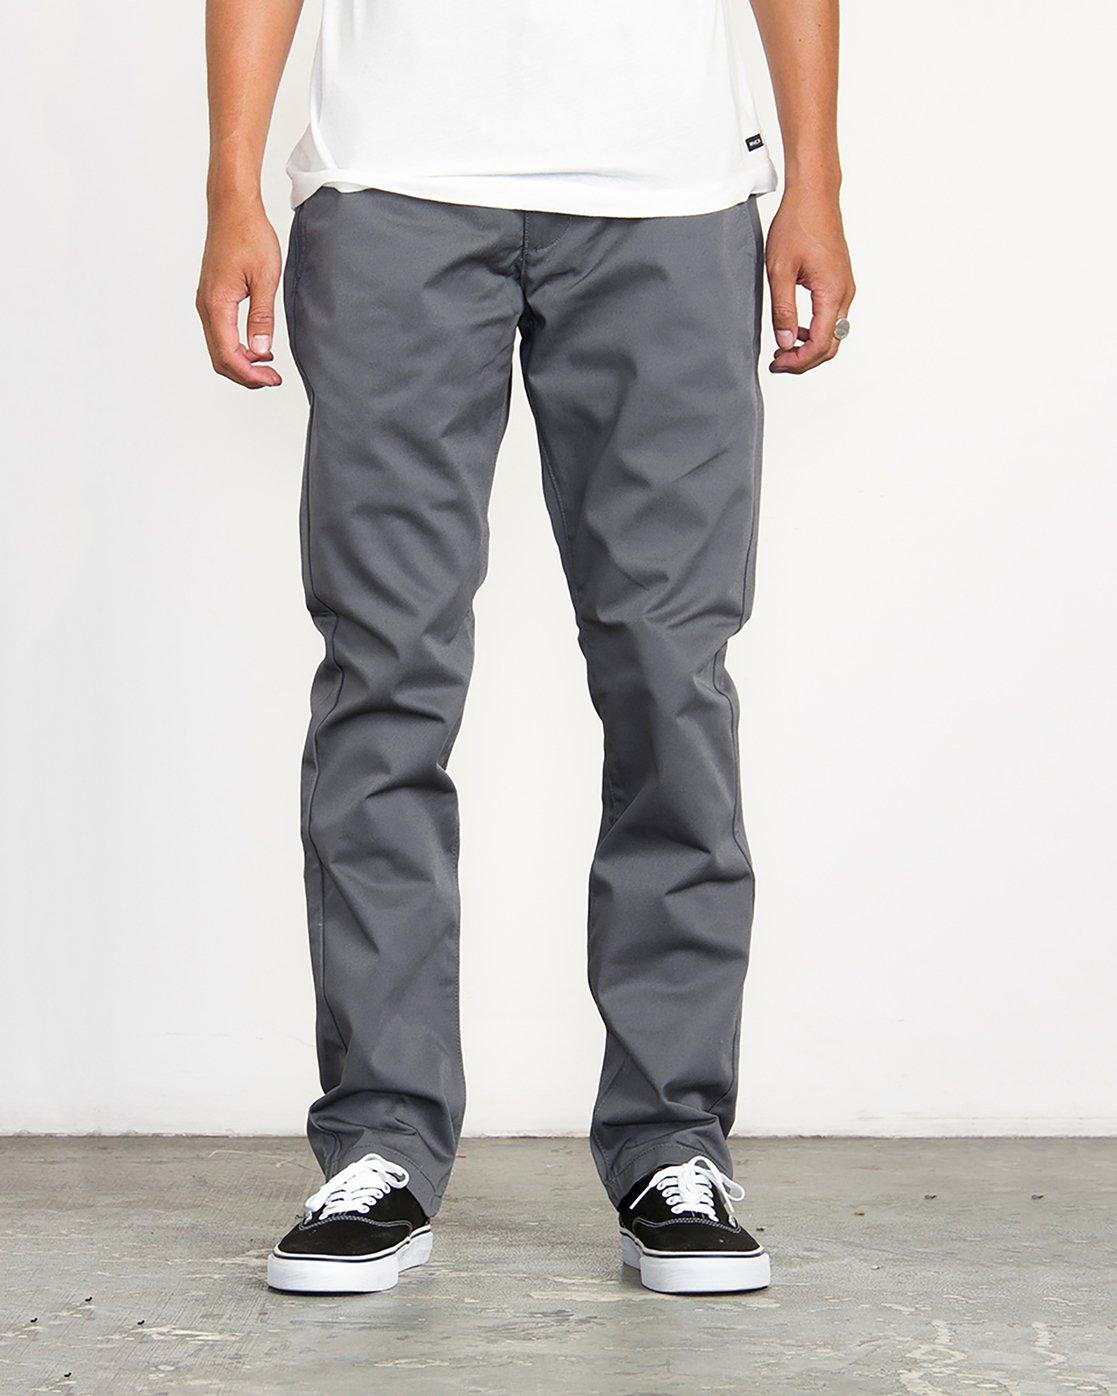 0 Week-End Pants Multicolor M3307WEP RVCA